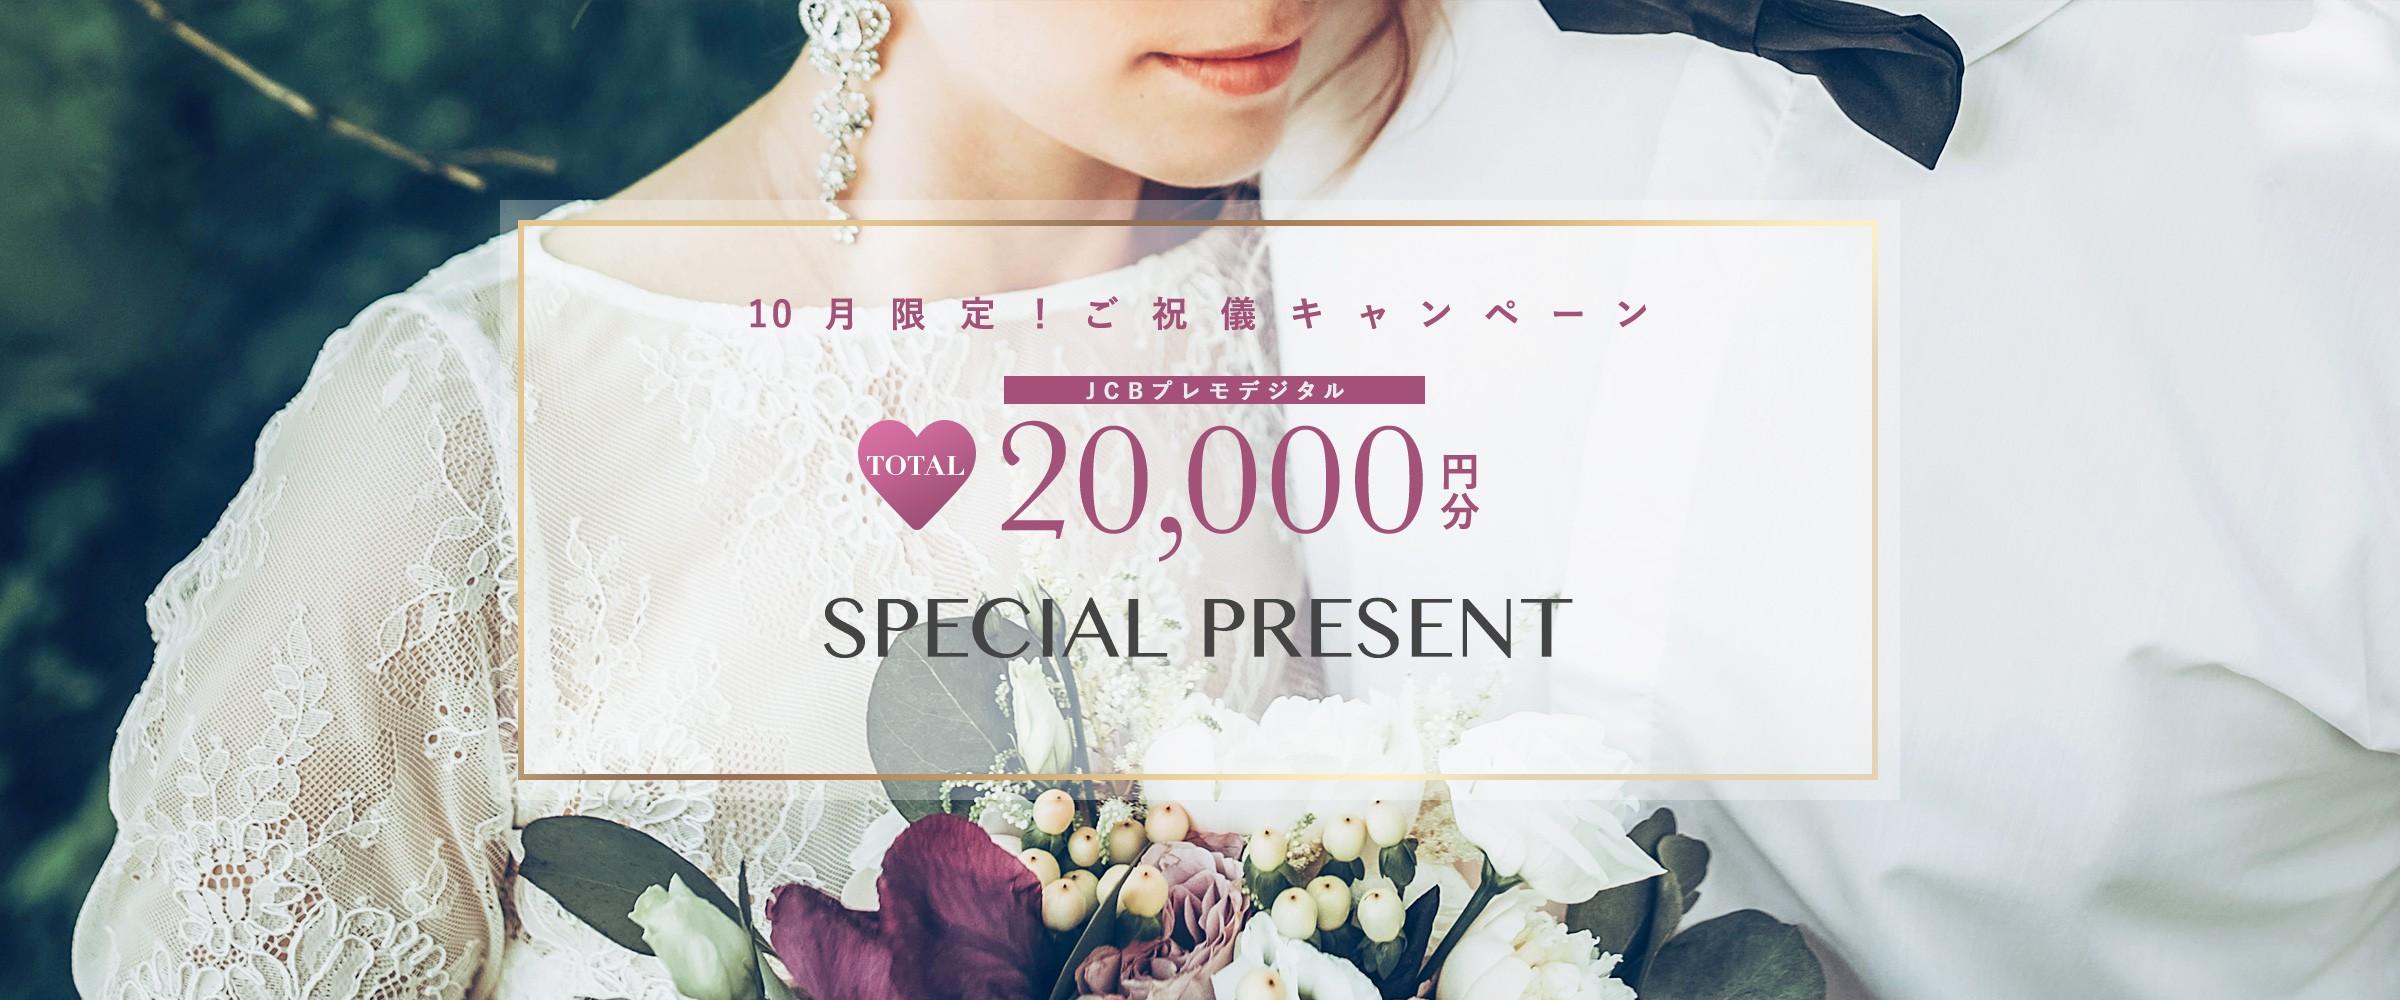 10月限定!ご祝儀キャンペーン最大20,000分JCBプレモデジタルSPECIAL PRESENT